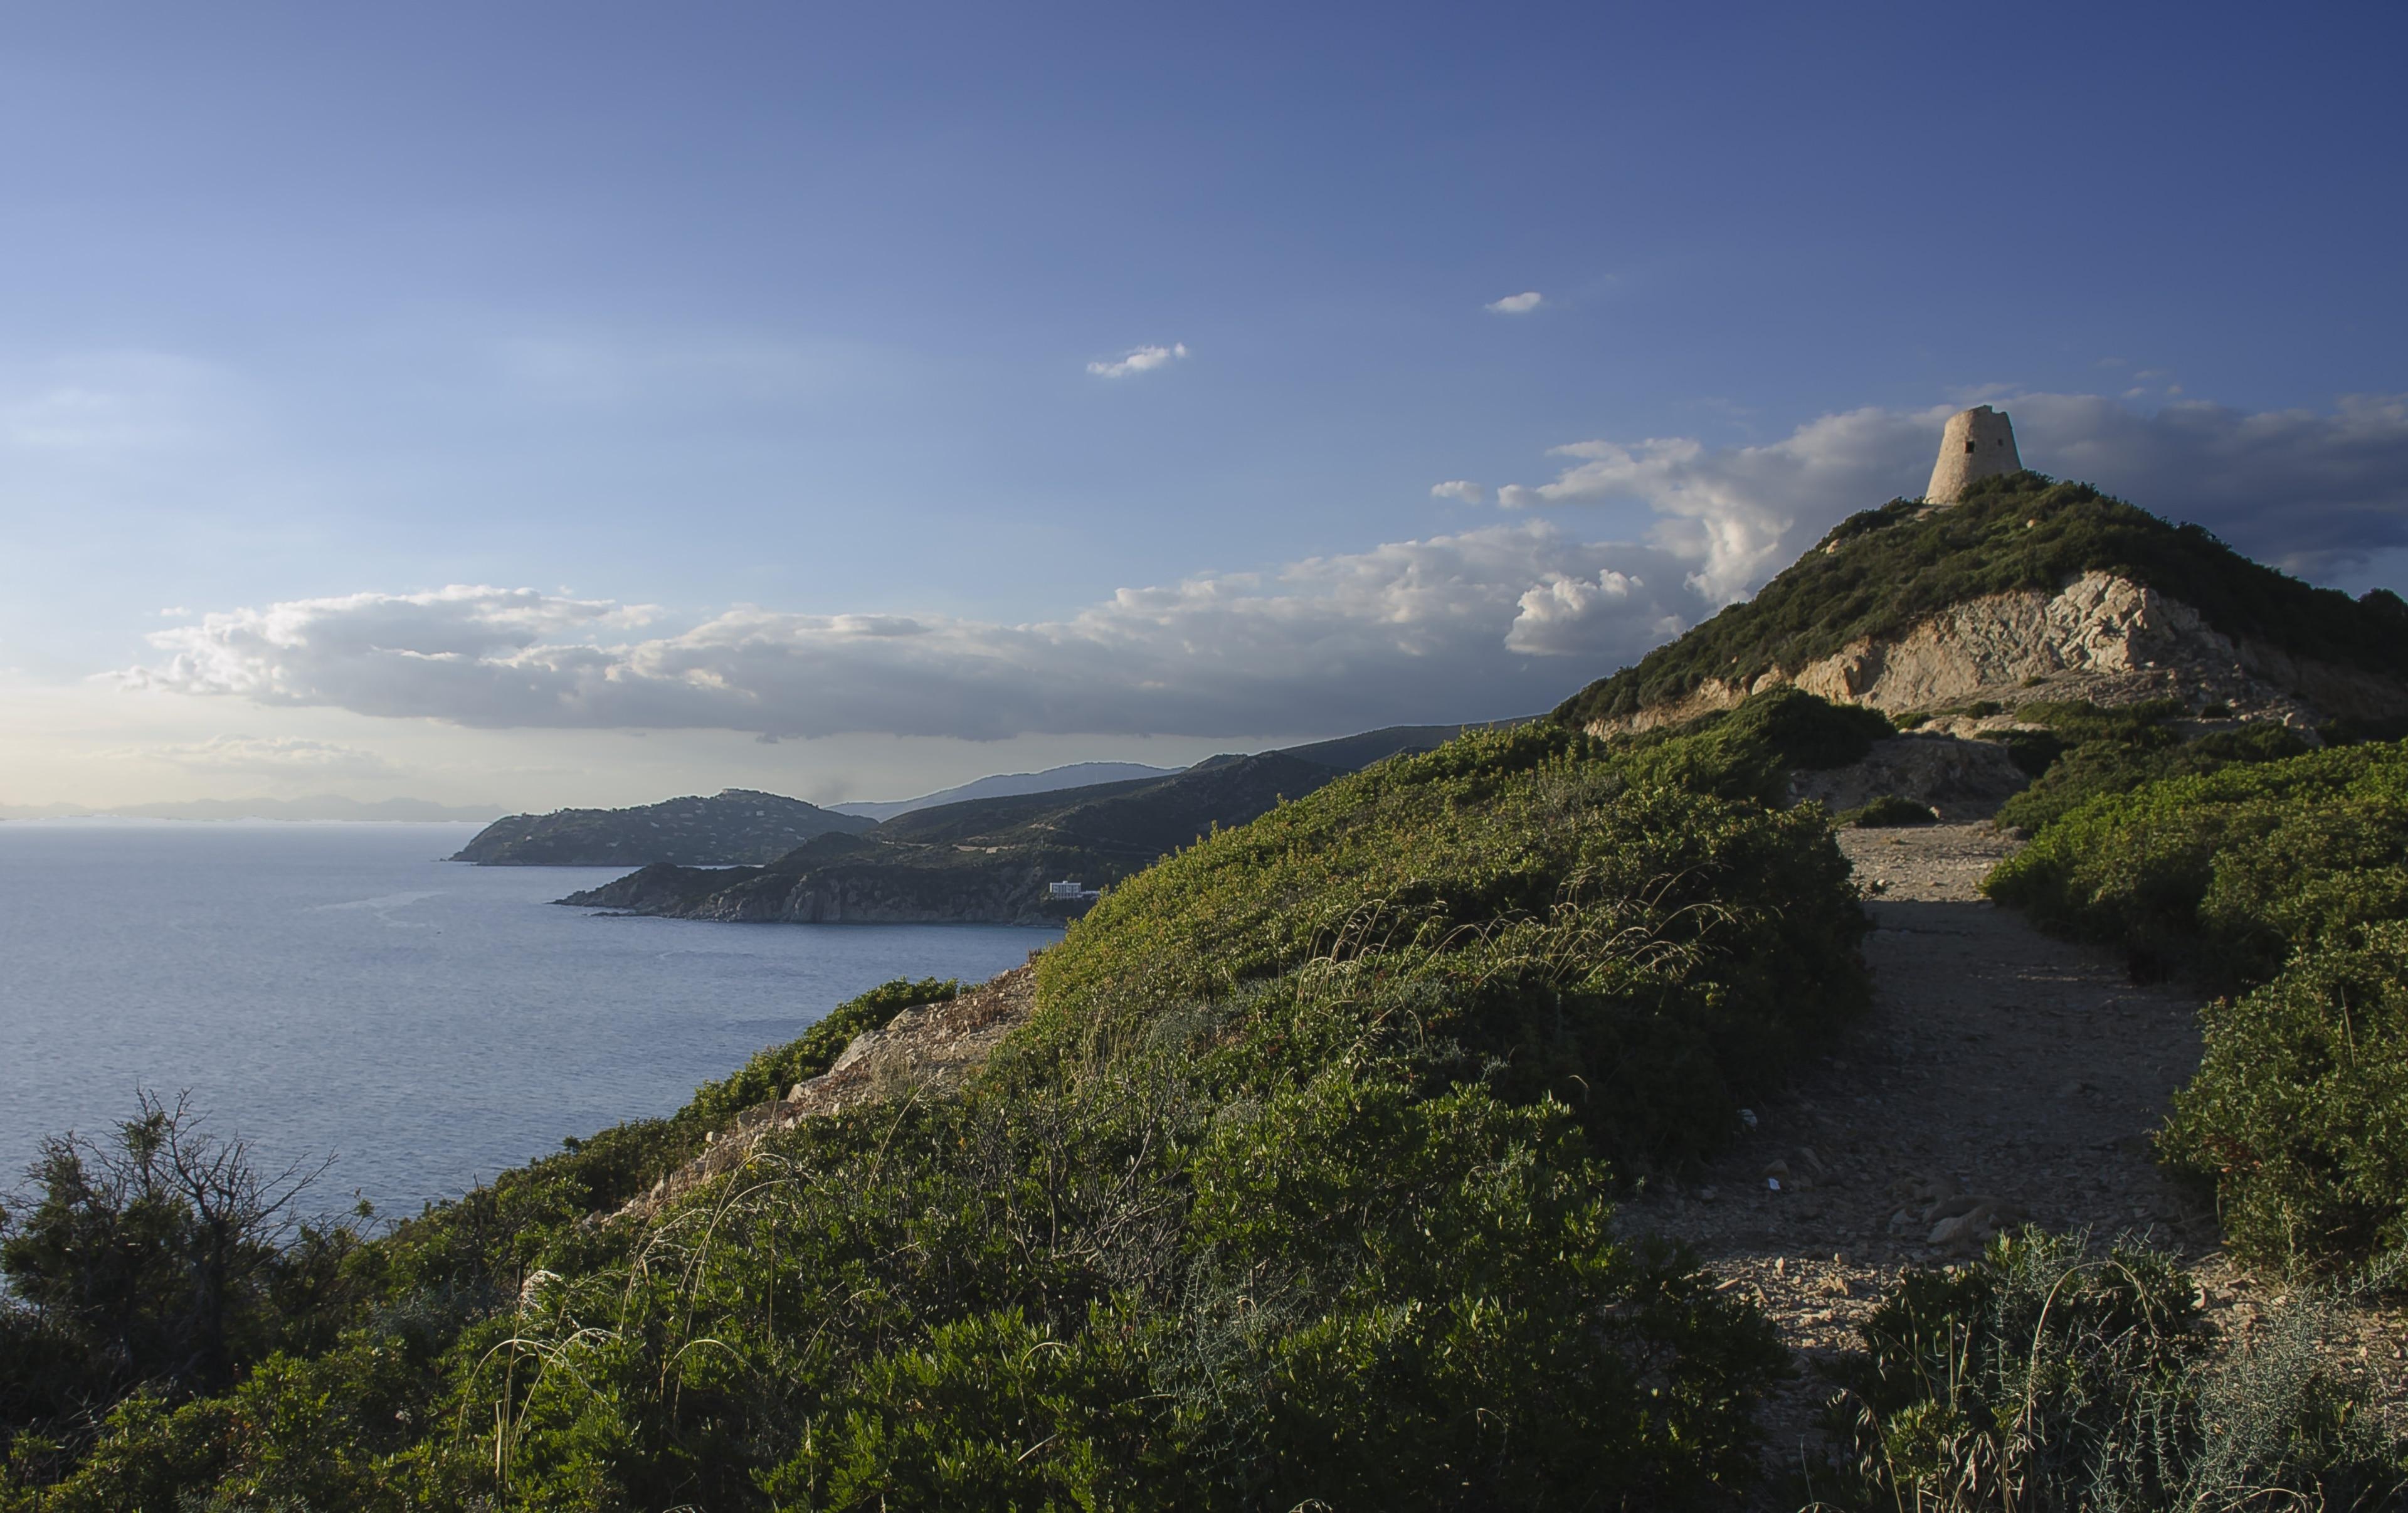 Sinnai, Sardinia, Italy